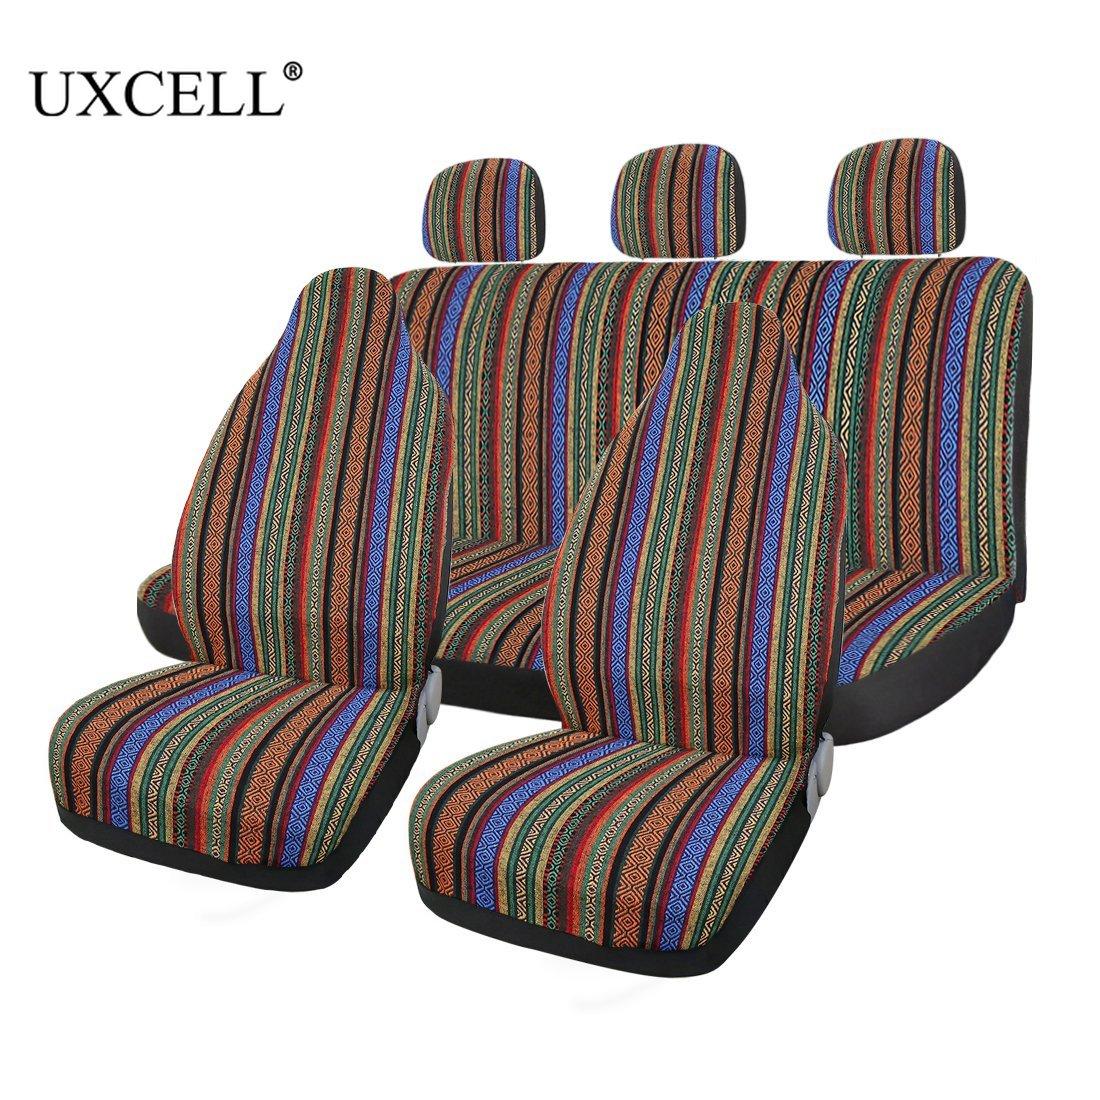 Uxcell 7 pièces universel multicolore Baja couverture Style ethnique Durable seau siège couverture pour voiture Auto automobile protecteur